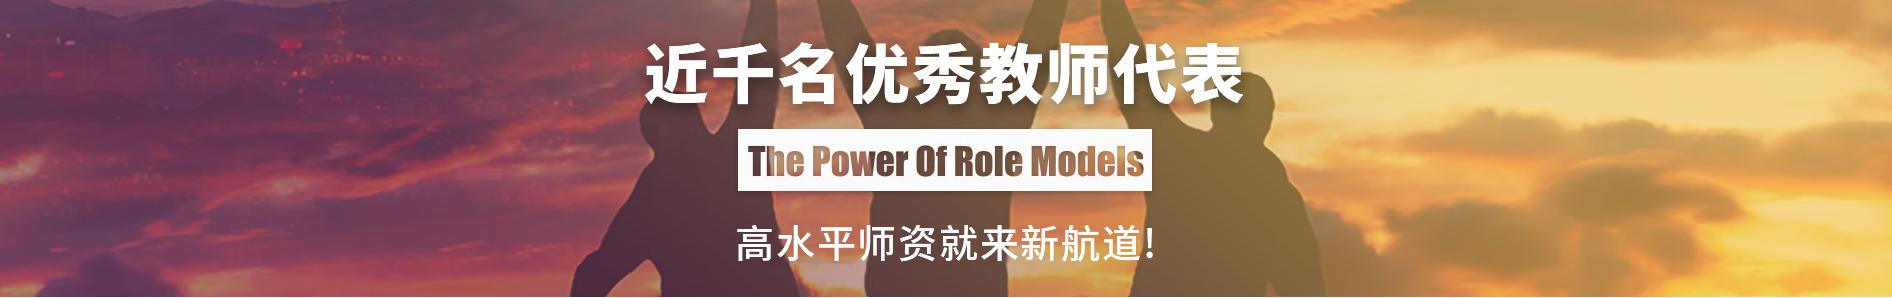 杭州建银新航道英语培训